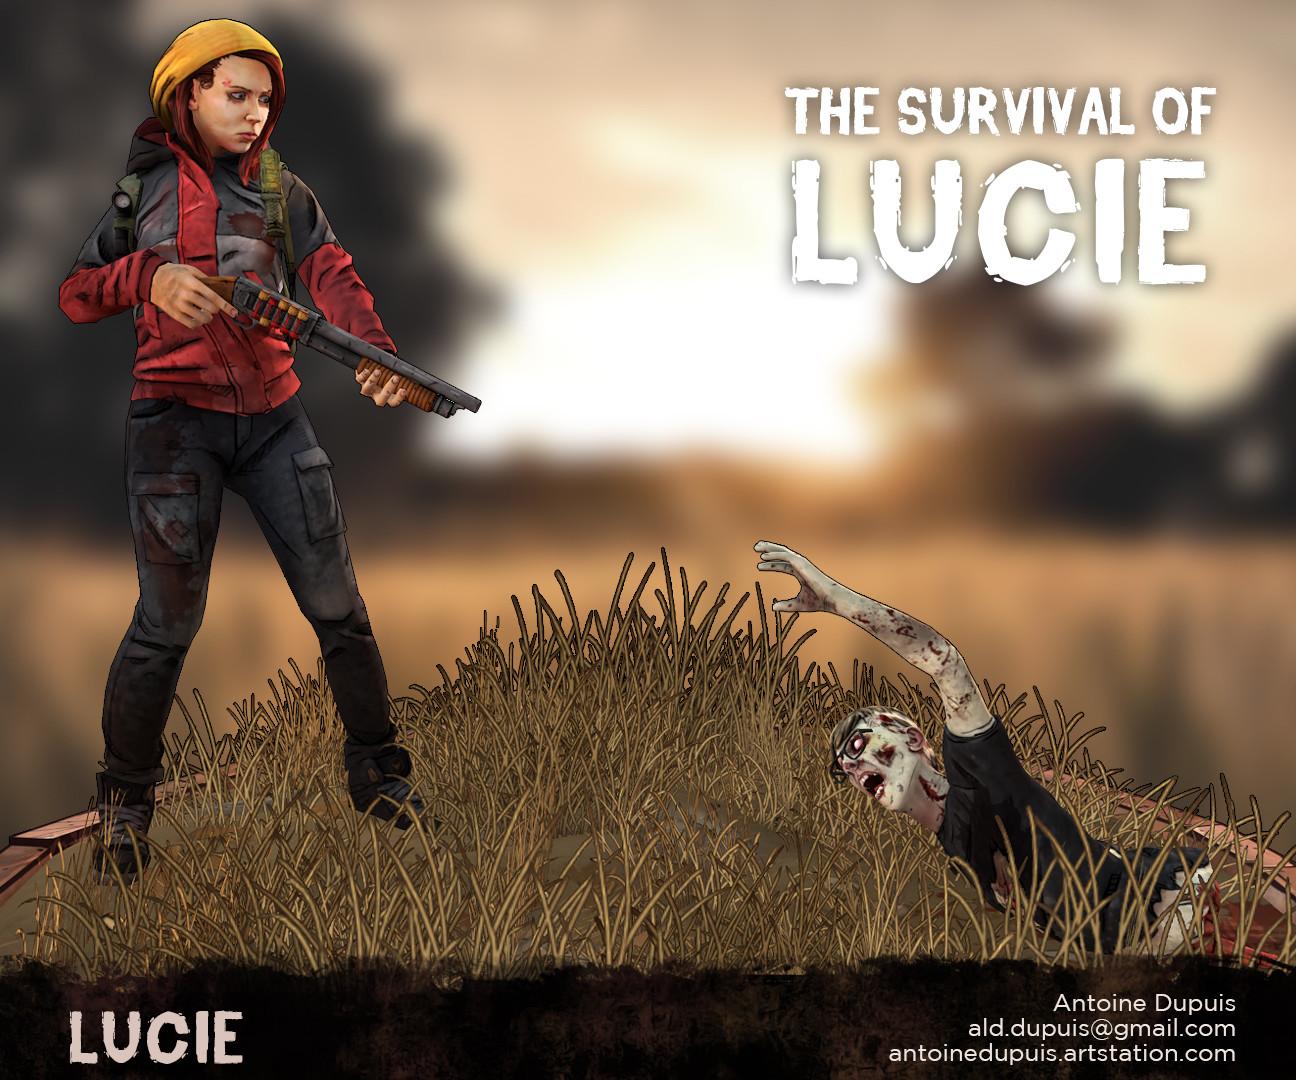 Antoine dupuis survivaloflucie 01